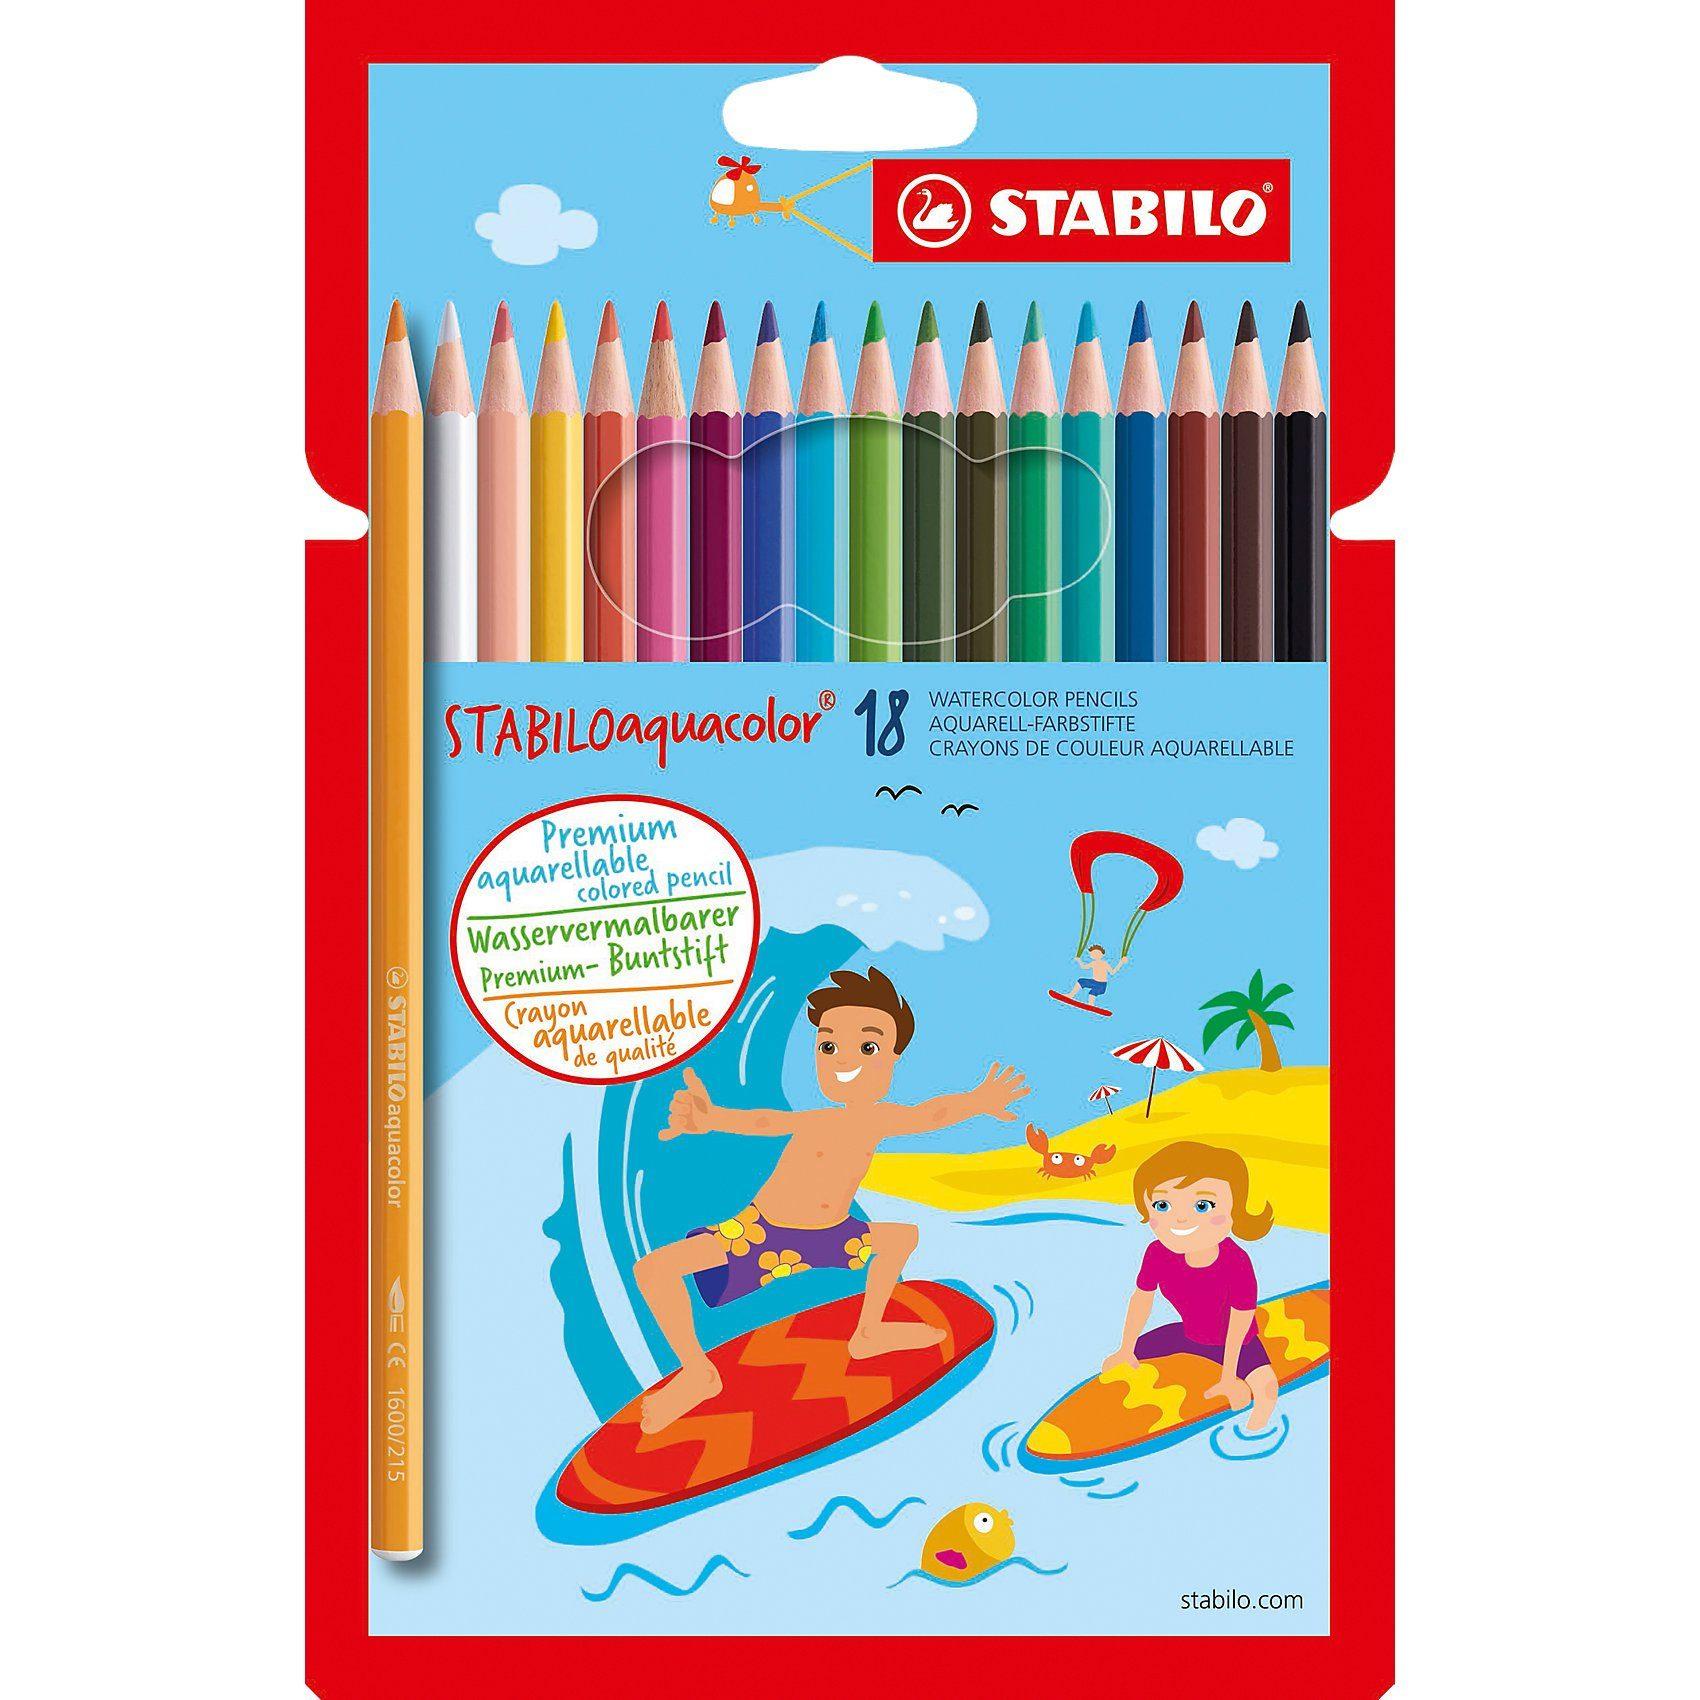 Stabilo Buntstifte aquacolor, wasservermalbar, 18 Farben